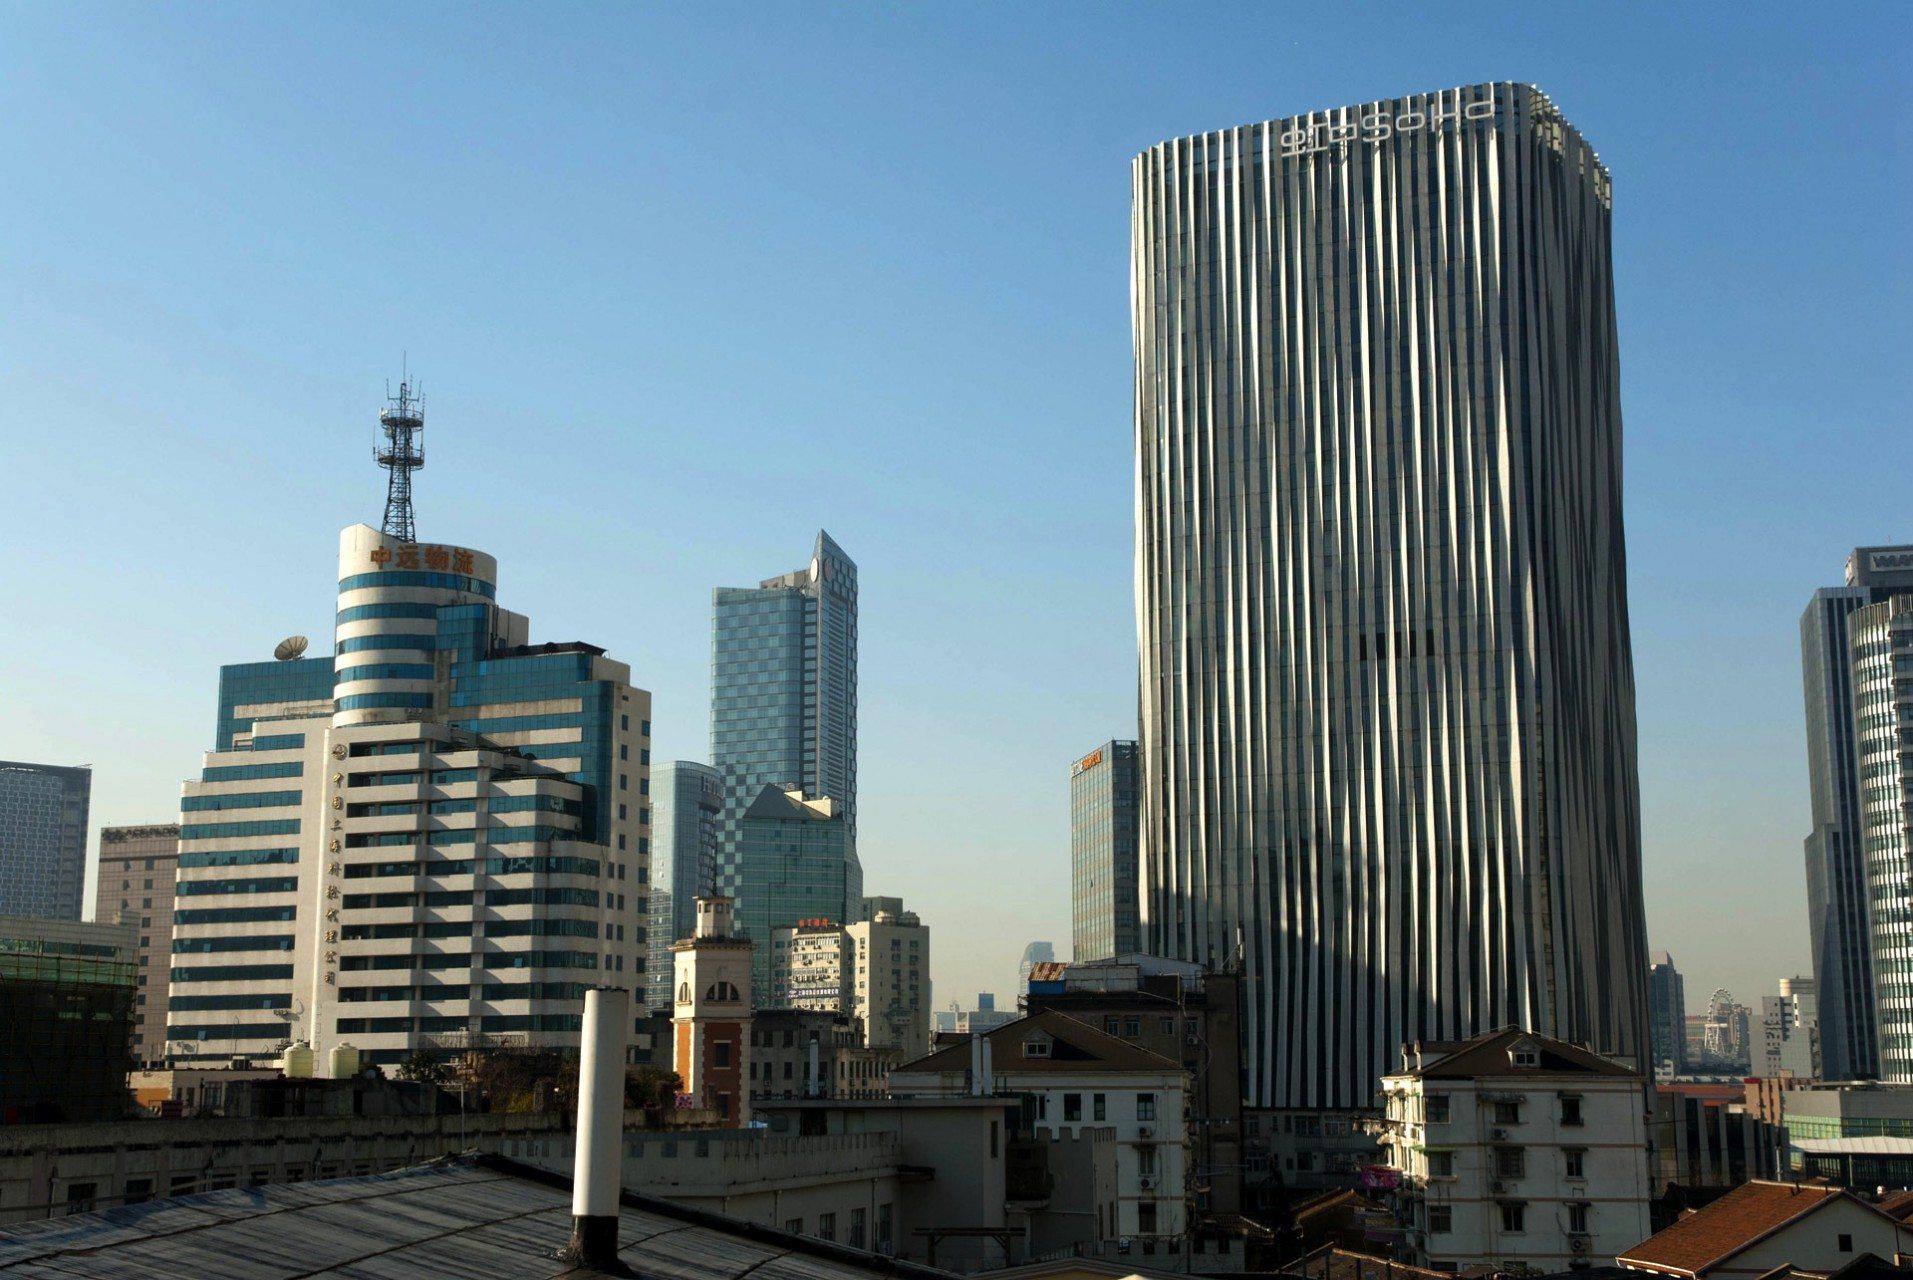 Hongkou SOHO. 2015 – Shanghai, Puxi, Hongkou (Sichuan North Road). Von Kengo Kuma Architects. Das Hongkou SOHO Gebäude ist mit 3D-gewebtem Aluminiumblechen verkleidet, das durch die in sich verdrehte Konstruktion im Lichtspiel wie weiche, sich bewegende Wellen anmutet.